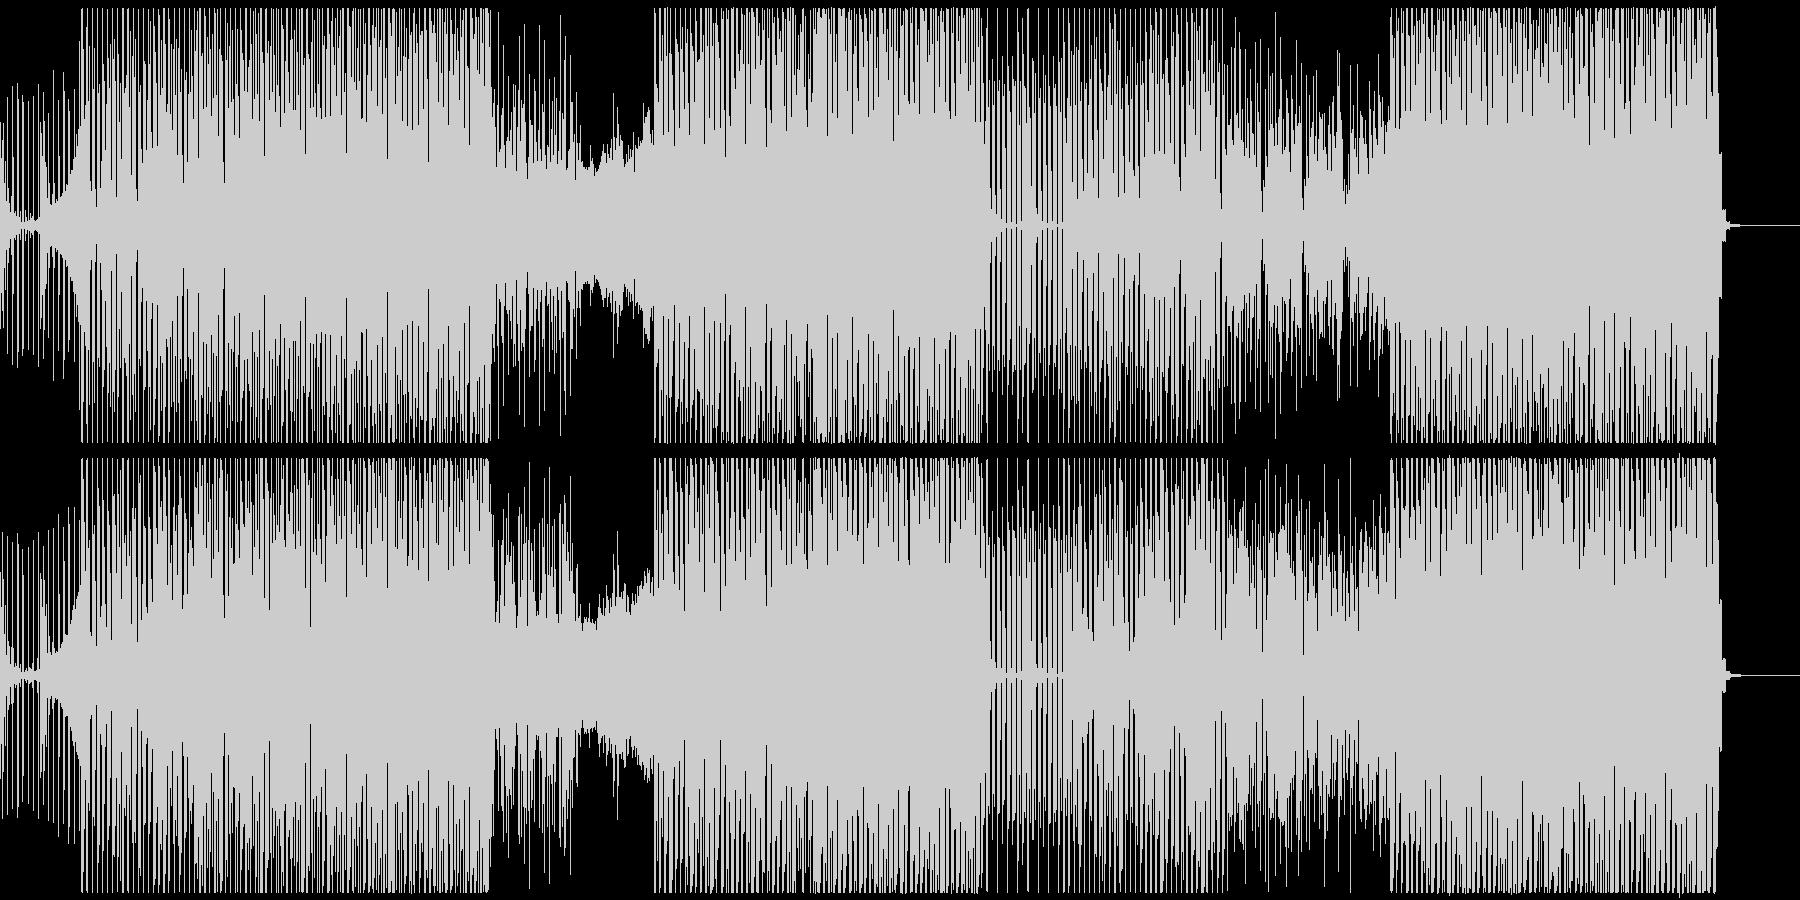 ノリが良いトライバル系ハウスミュージックの未再生の波形